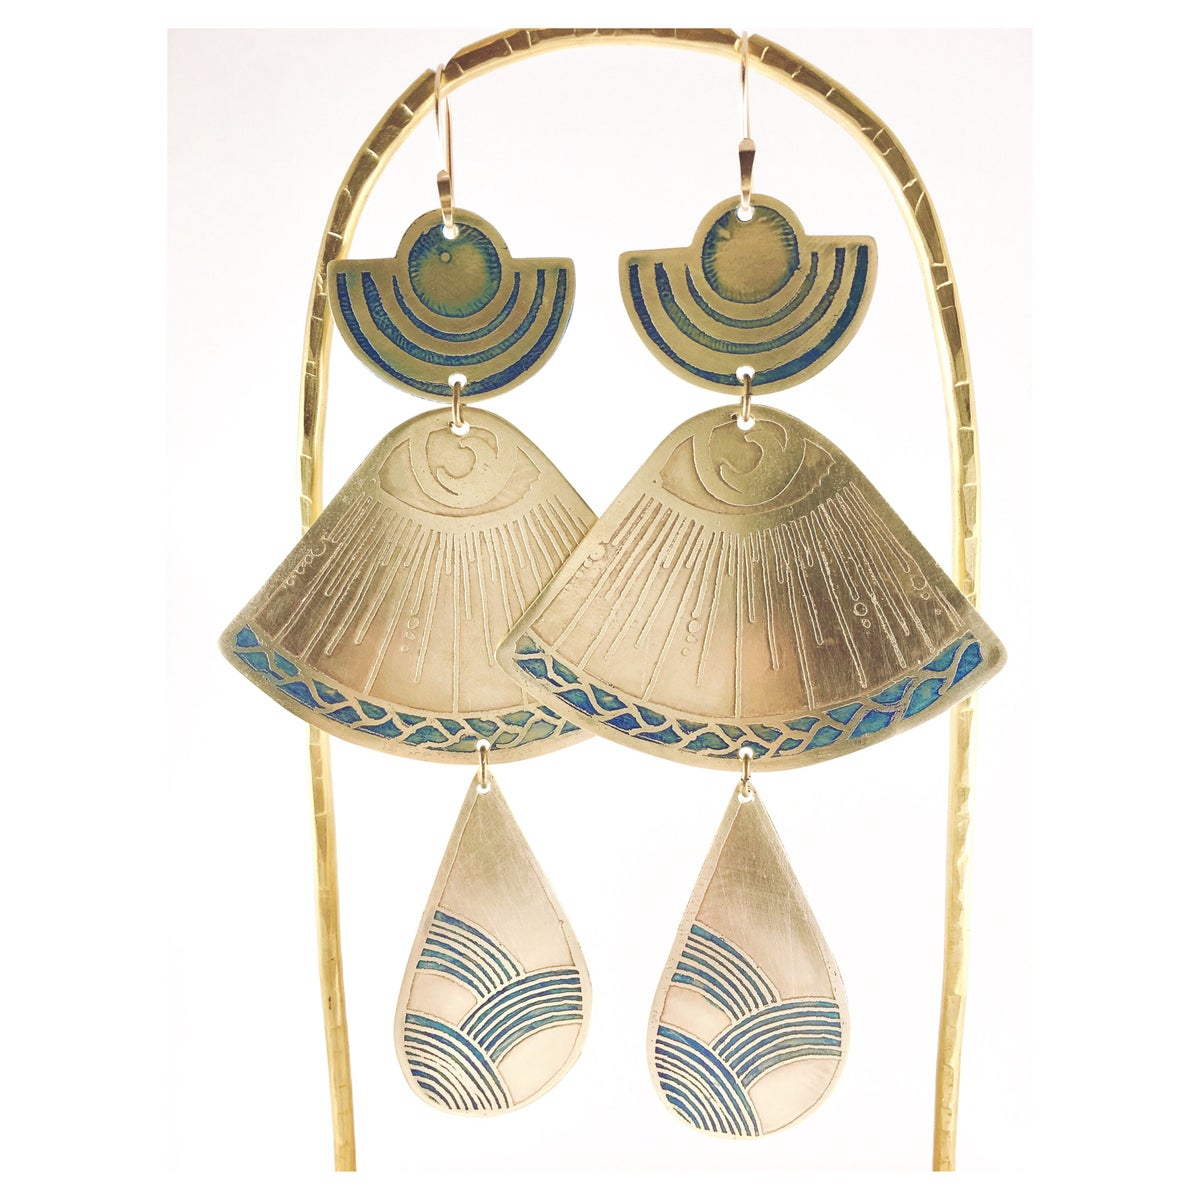 Image of Earthly Elements Earrings